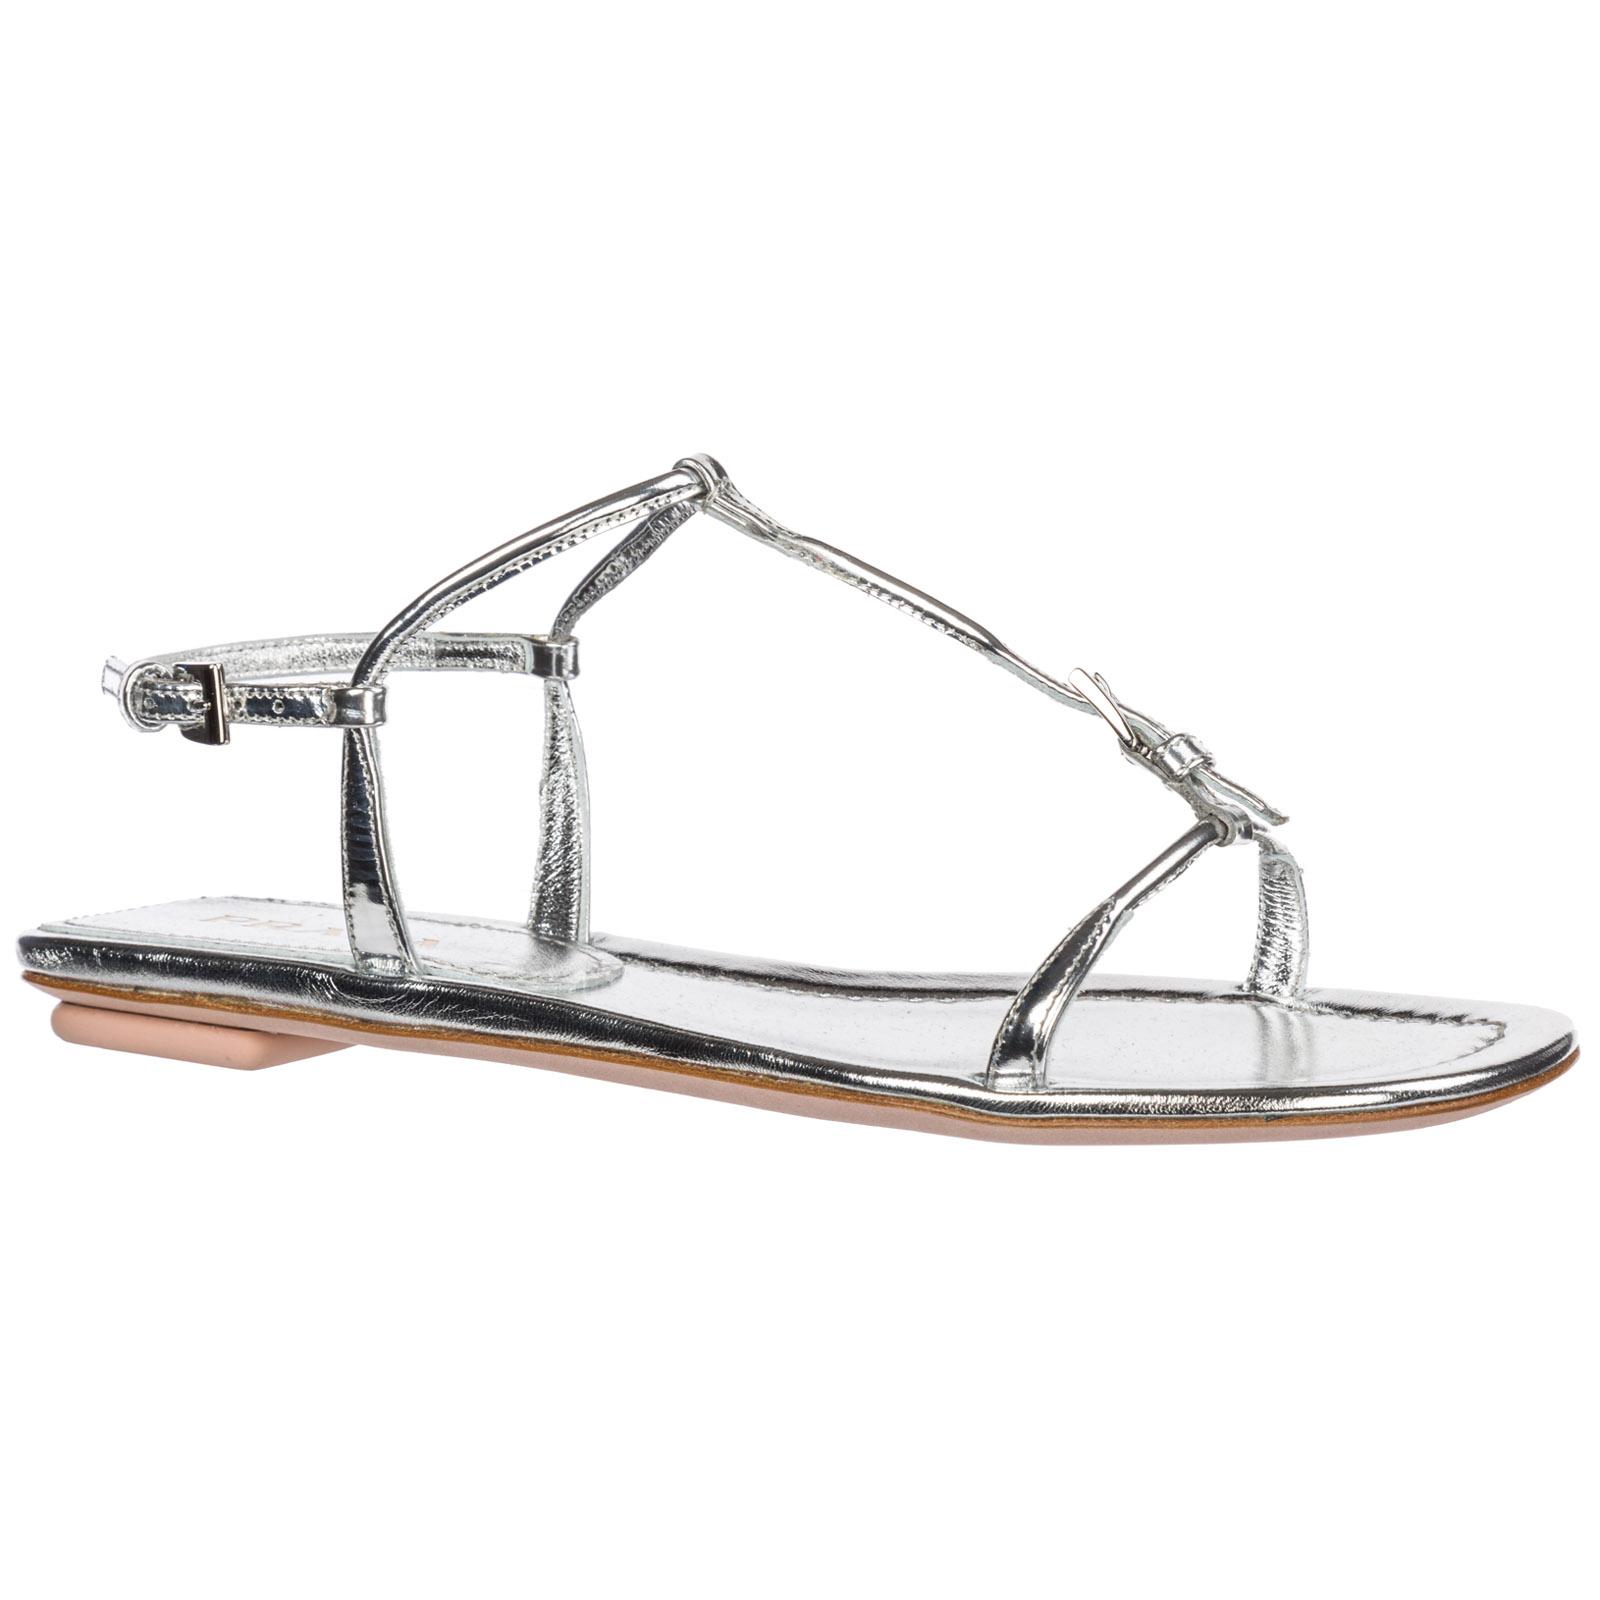 T Bar Sandals Prada 1x557b 3au1 F Argento